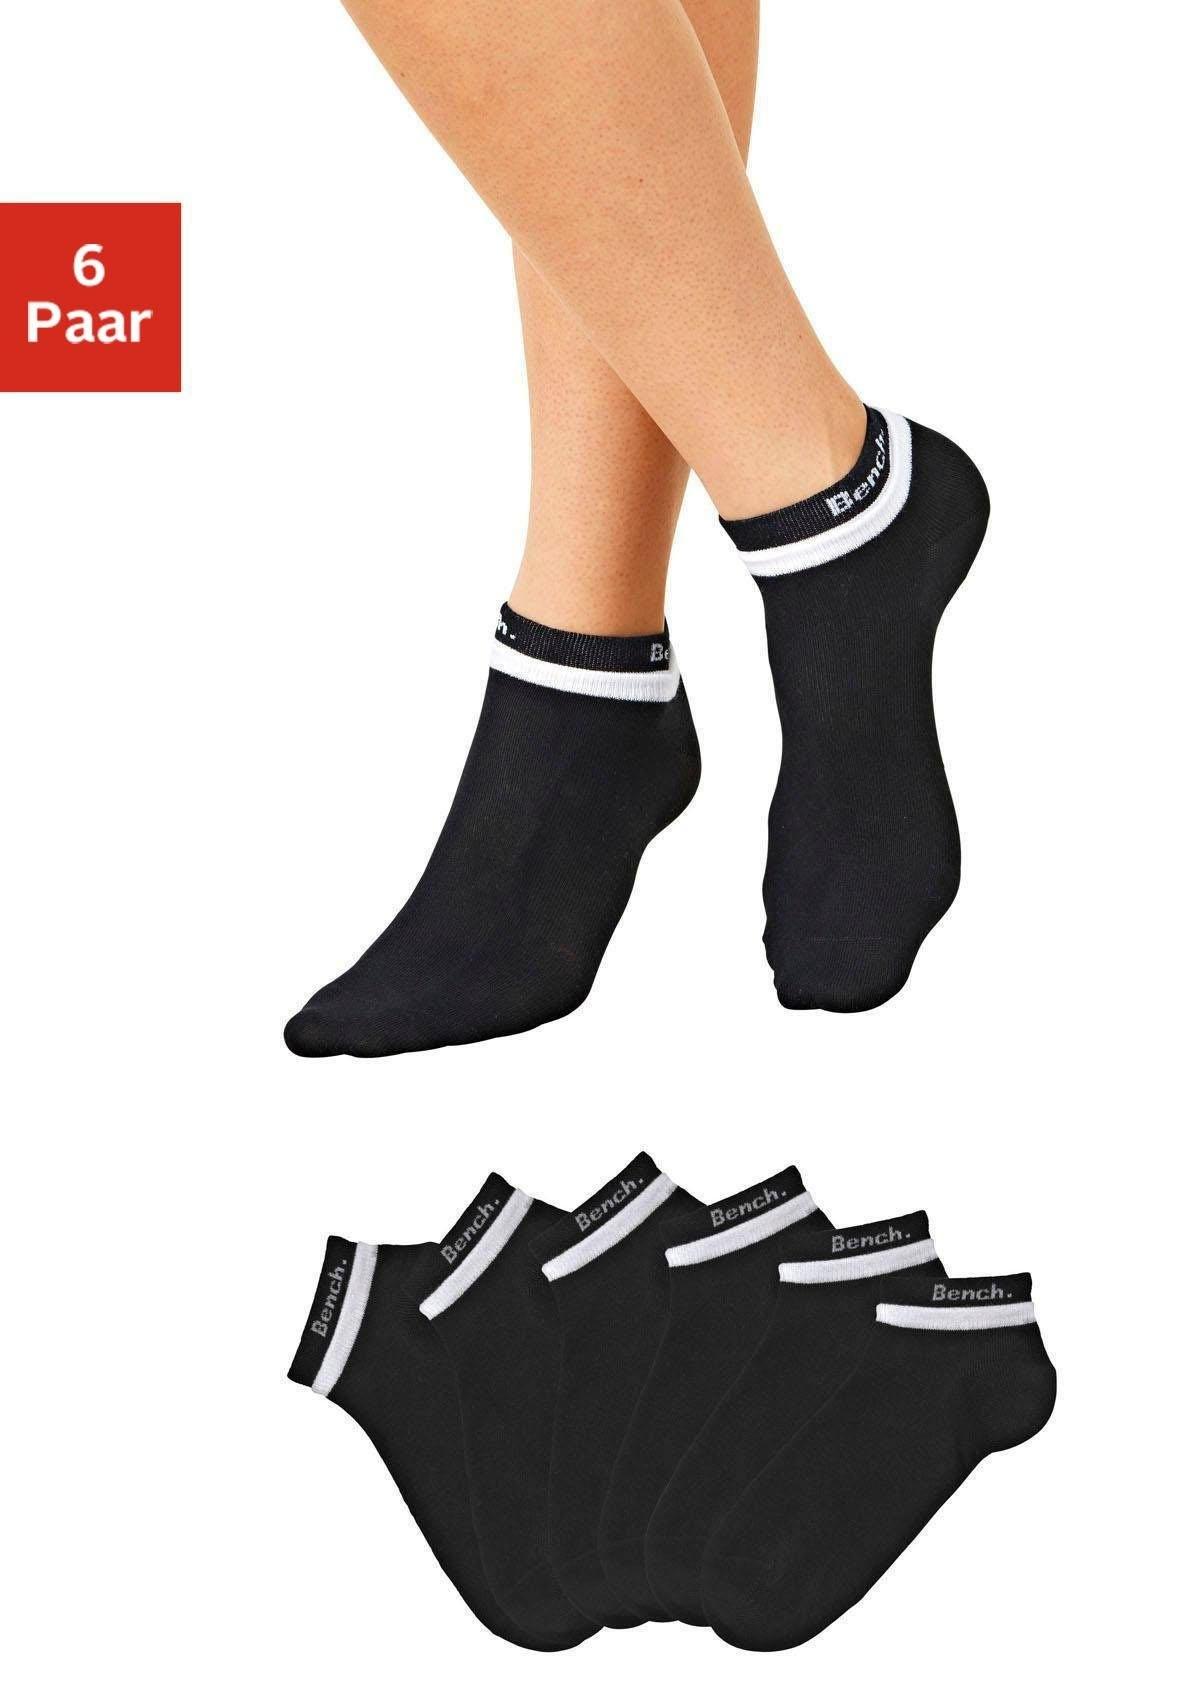 Bench. Korte sokken met dubbele boord (6 paar) online kopen op lascana.nl